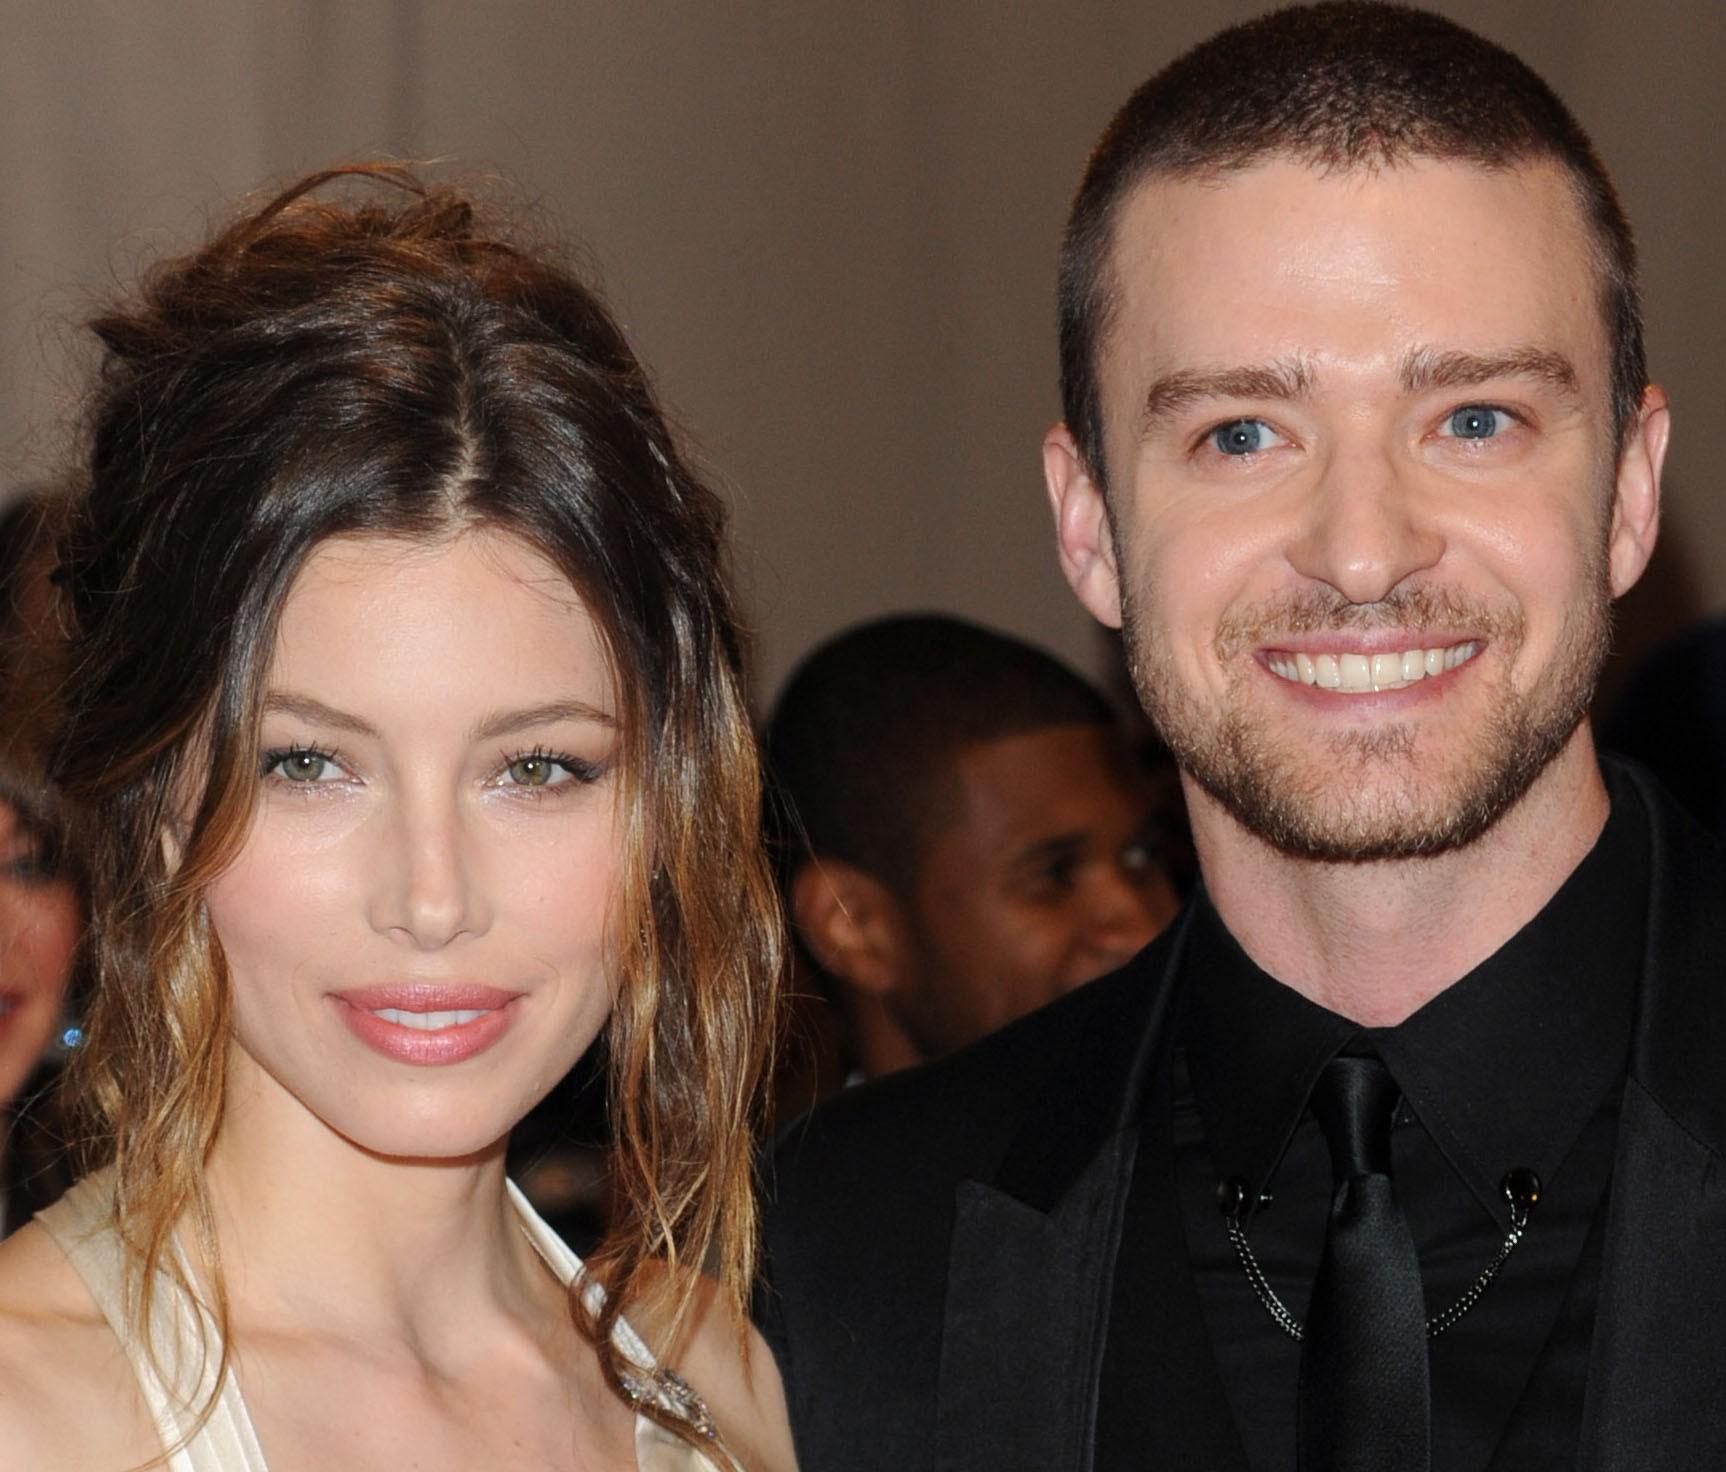 Джастин Тимберлейк с супругой Джессикой Бил прибыли на«Евровидение-2016»